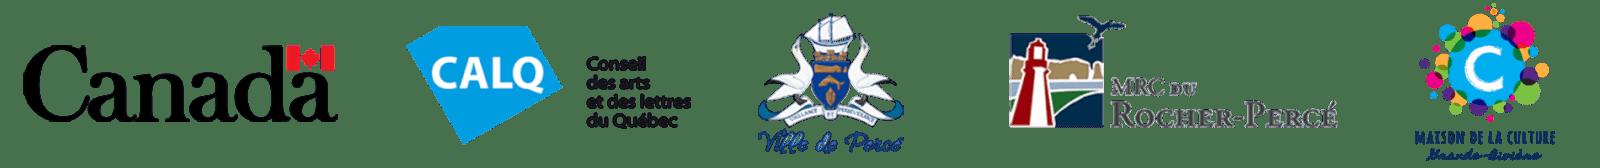 #offbis   Merci à nos partenaires   Patrimoine Canada, CALQ, Ville de Percé, MRC Rocher-Percé, Sainte-Thèrèse-de-Gaspé